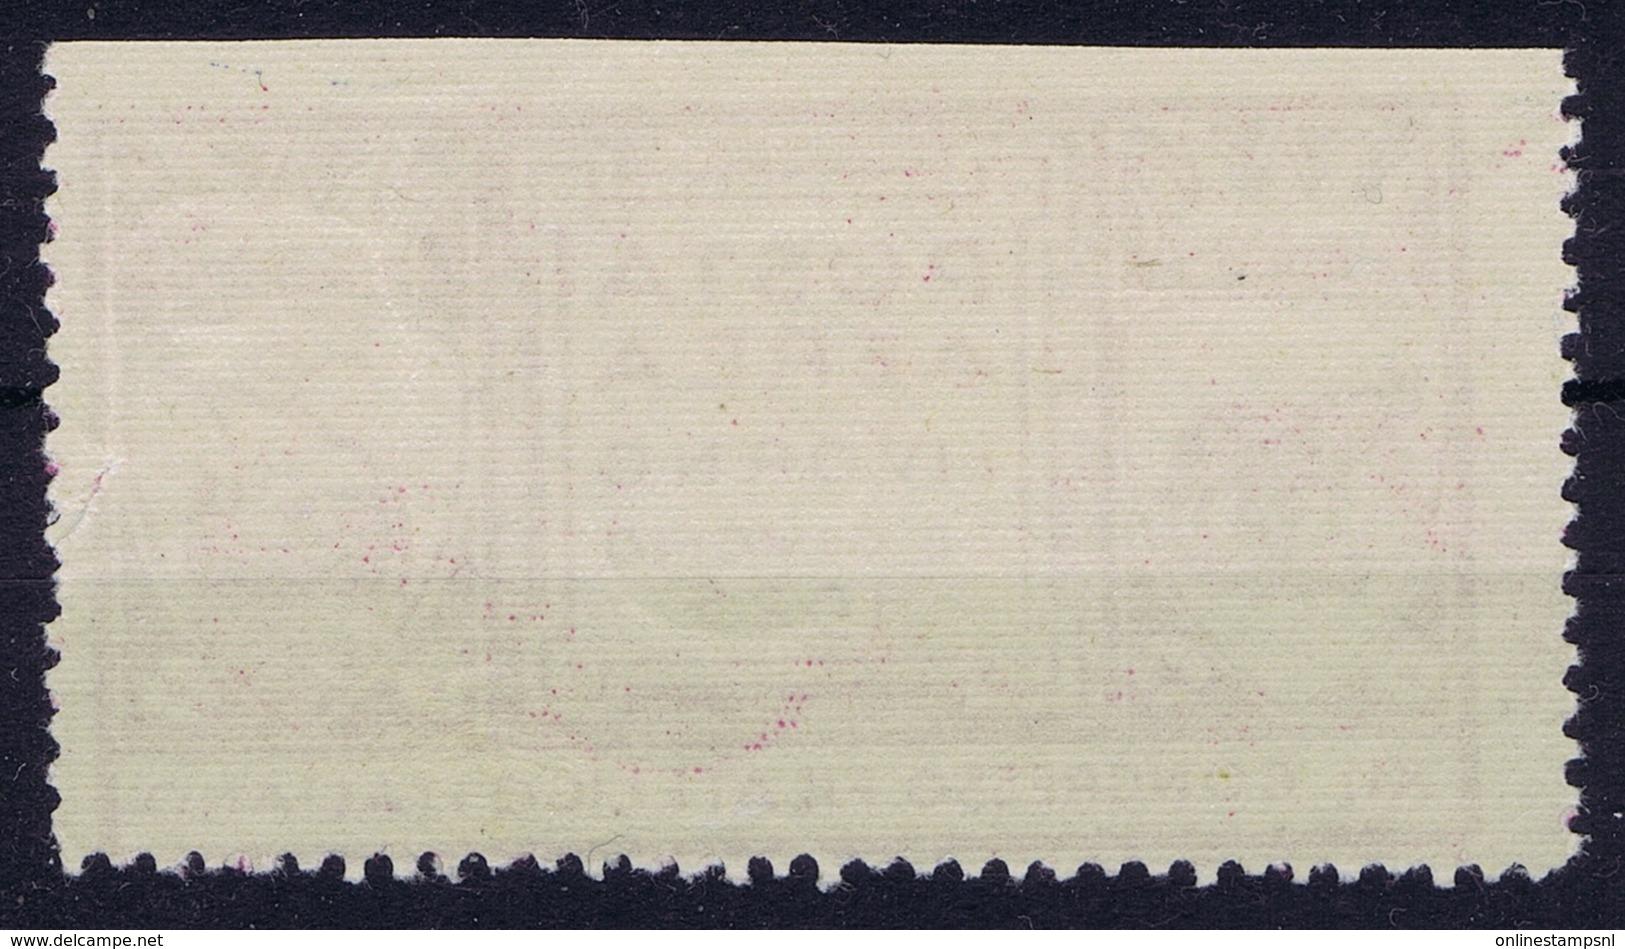 ITALY POSTA AEREA LIVORNO 1925  XII CONGRESSO FILATELICIO ITALIANO - Luchtpost